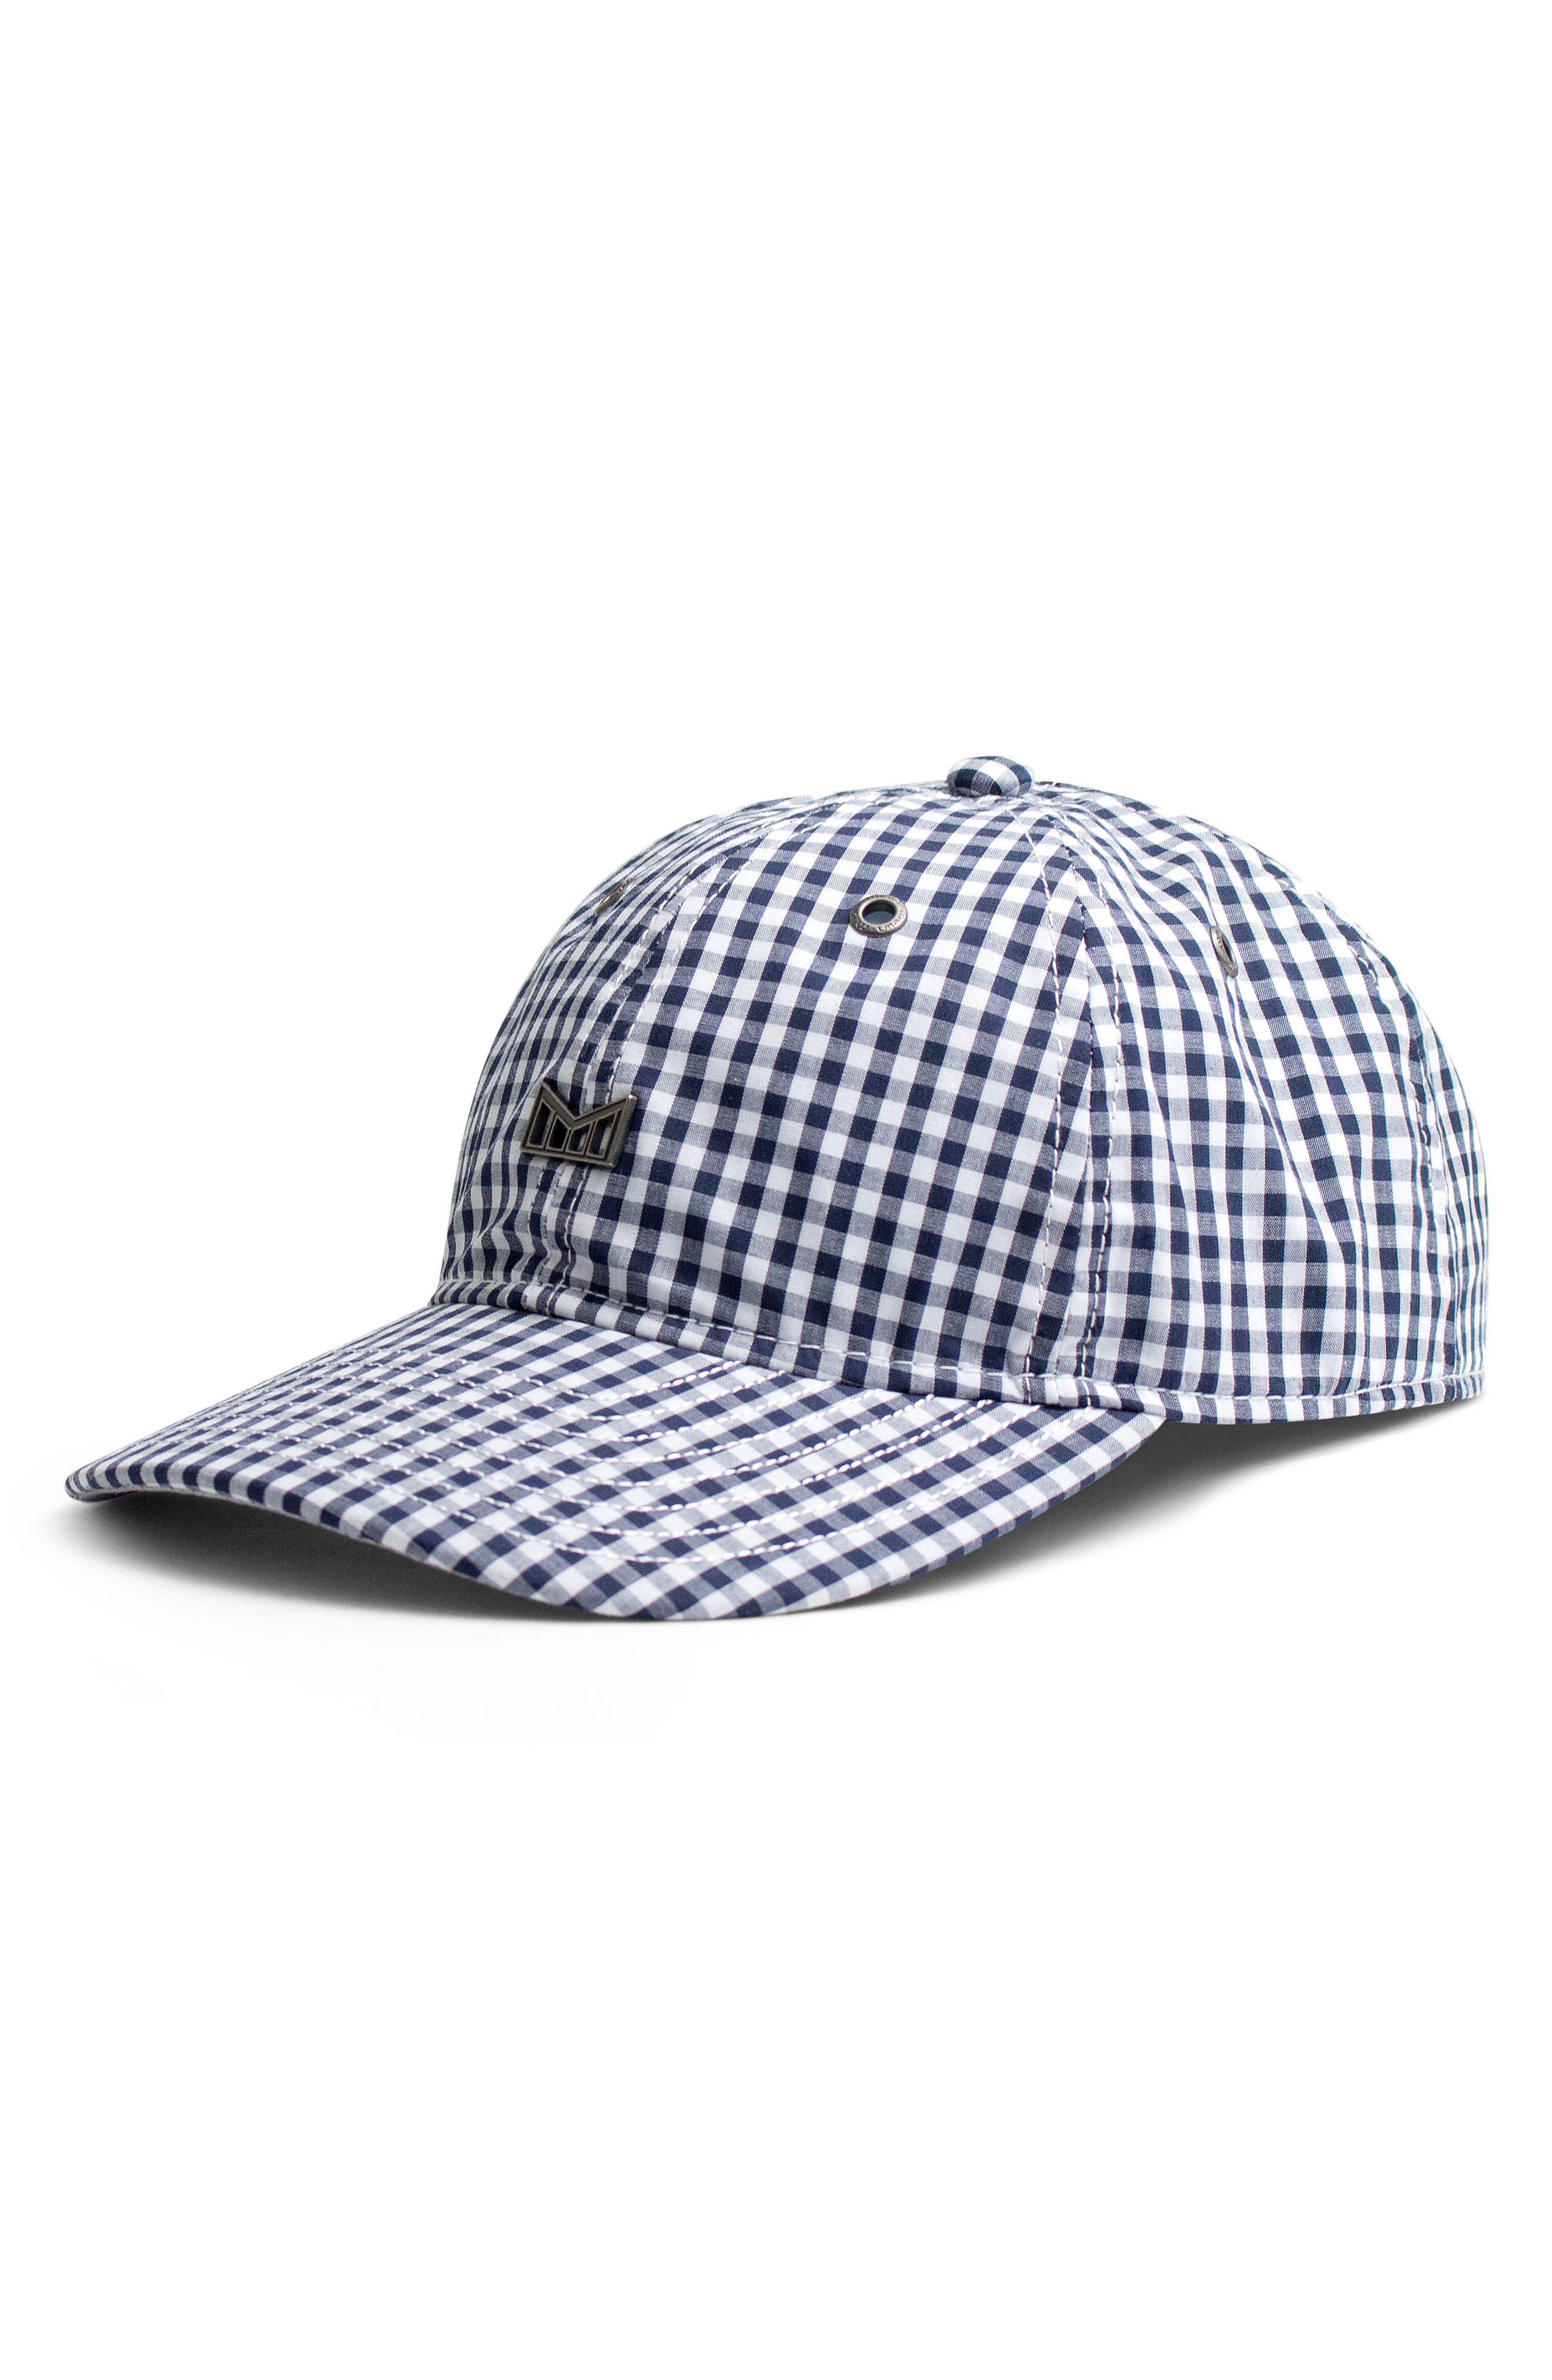 Boathouse Snapback Baseball Cap,                         Main,                         color, 461